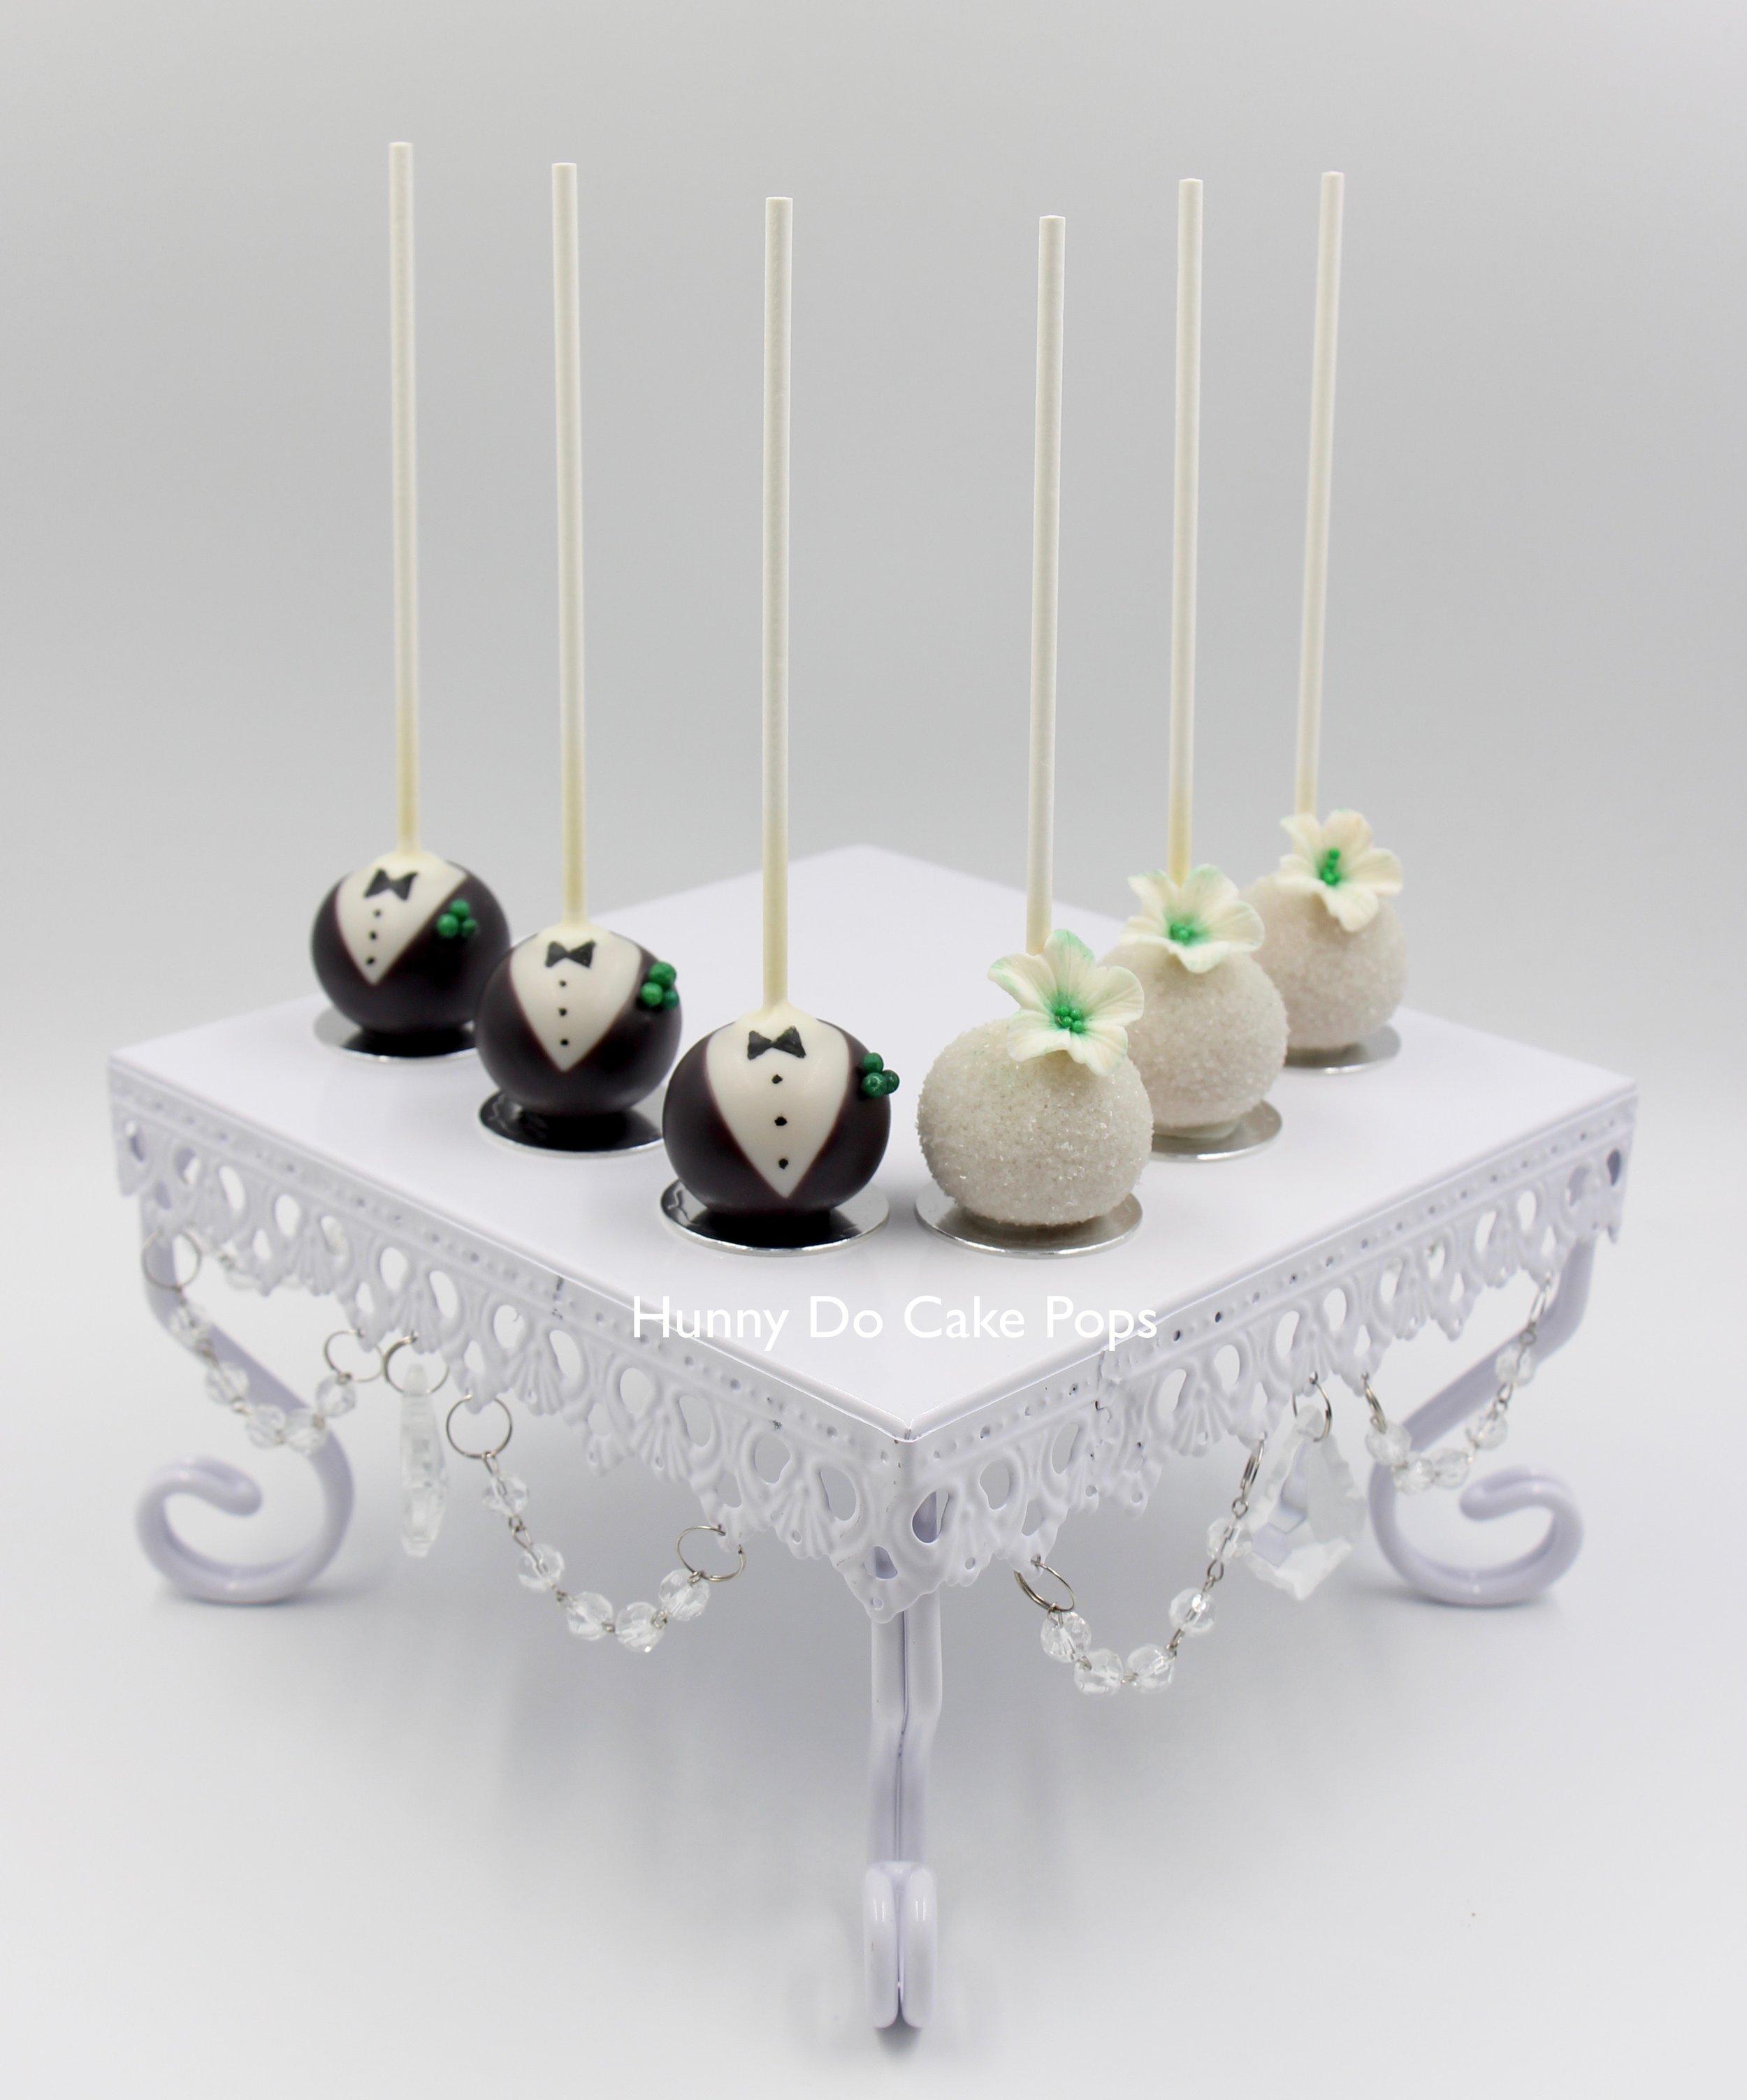 Bride n Groom flower cake pops HunnyDo 1.jpg